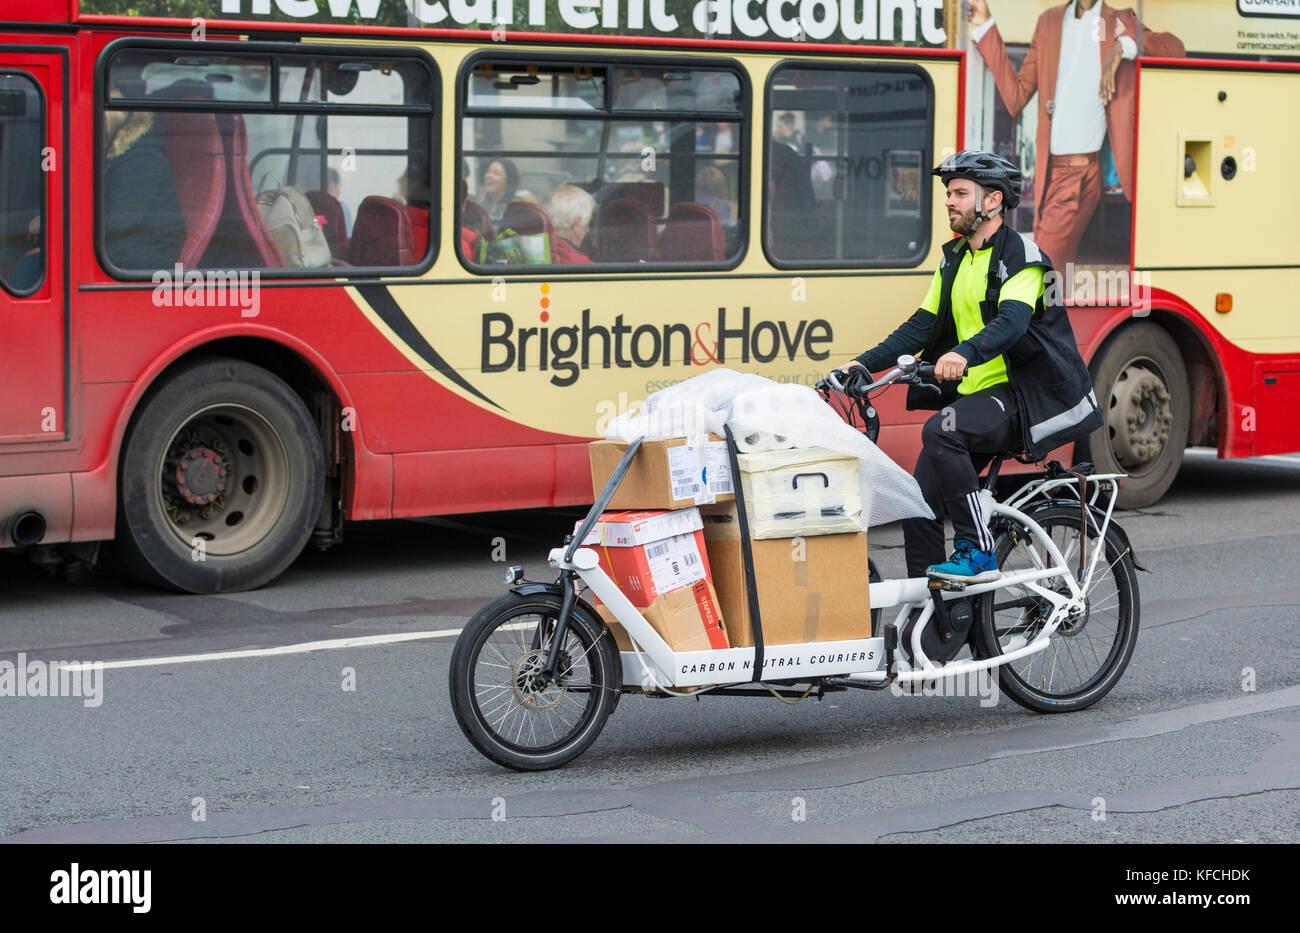 Le cycliste pédale d'un véhicule de livraison pour travail Couriers neutres en carbone, des livraisons Photo Stock